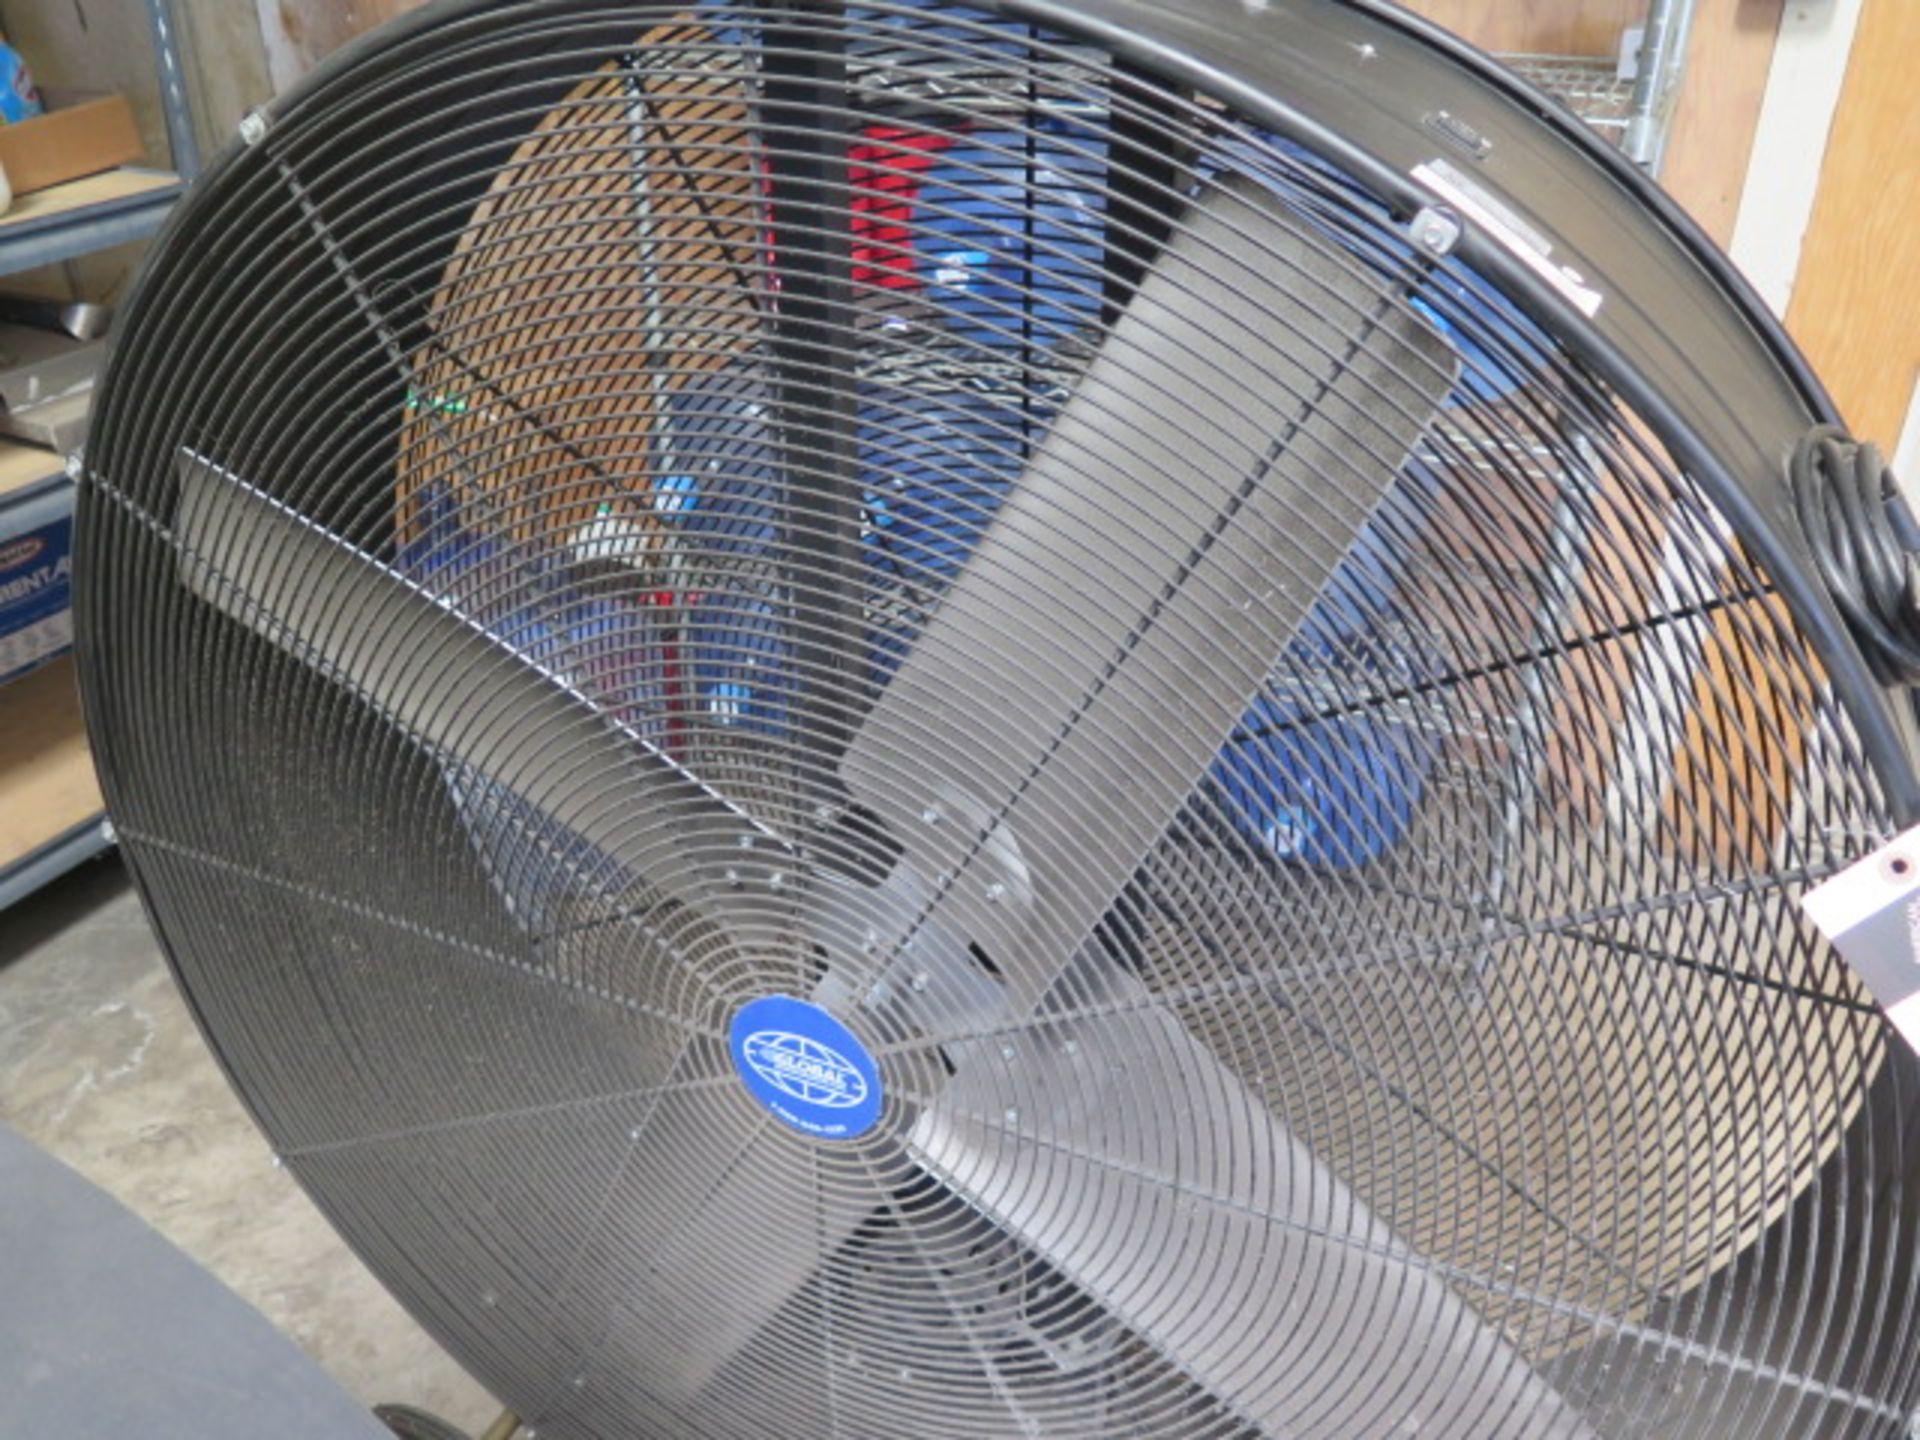 Shop Fan (SOLD AS-IS - NO WARRANTY) - Image 2 of 3